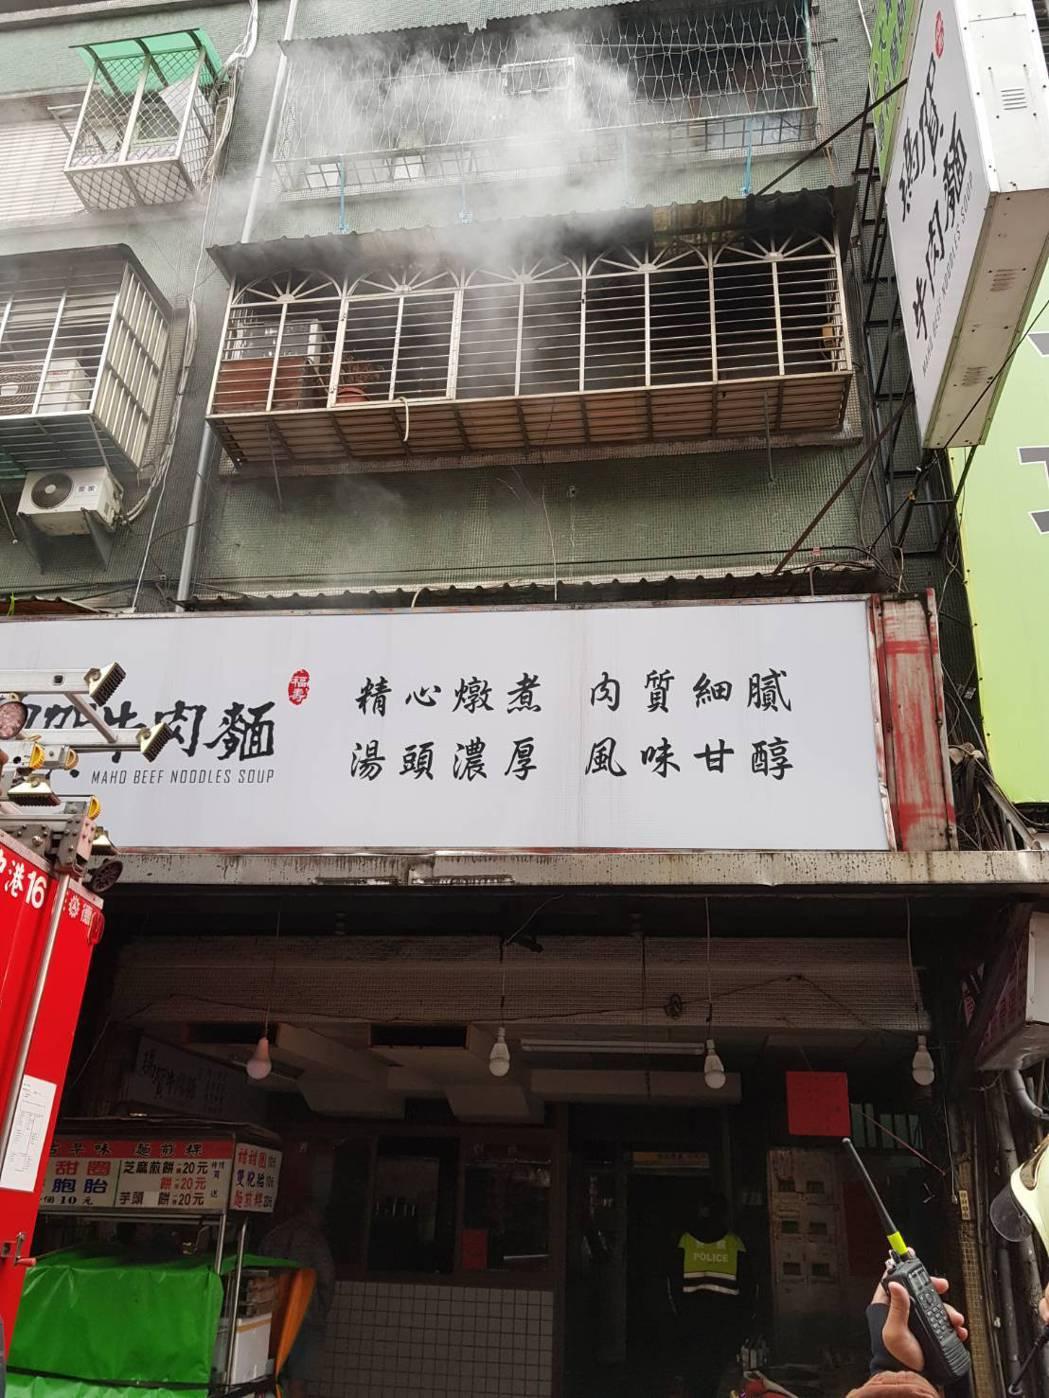 1名麵店員工遭高溫灼傷,所幸送醫後並無大礙。記者巫鴻瑋/翻攝